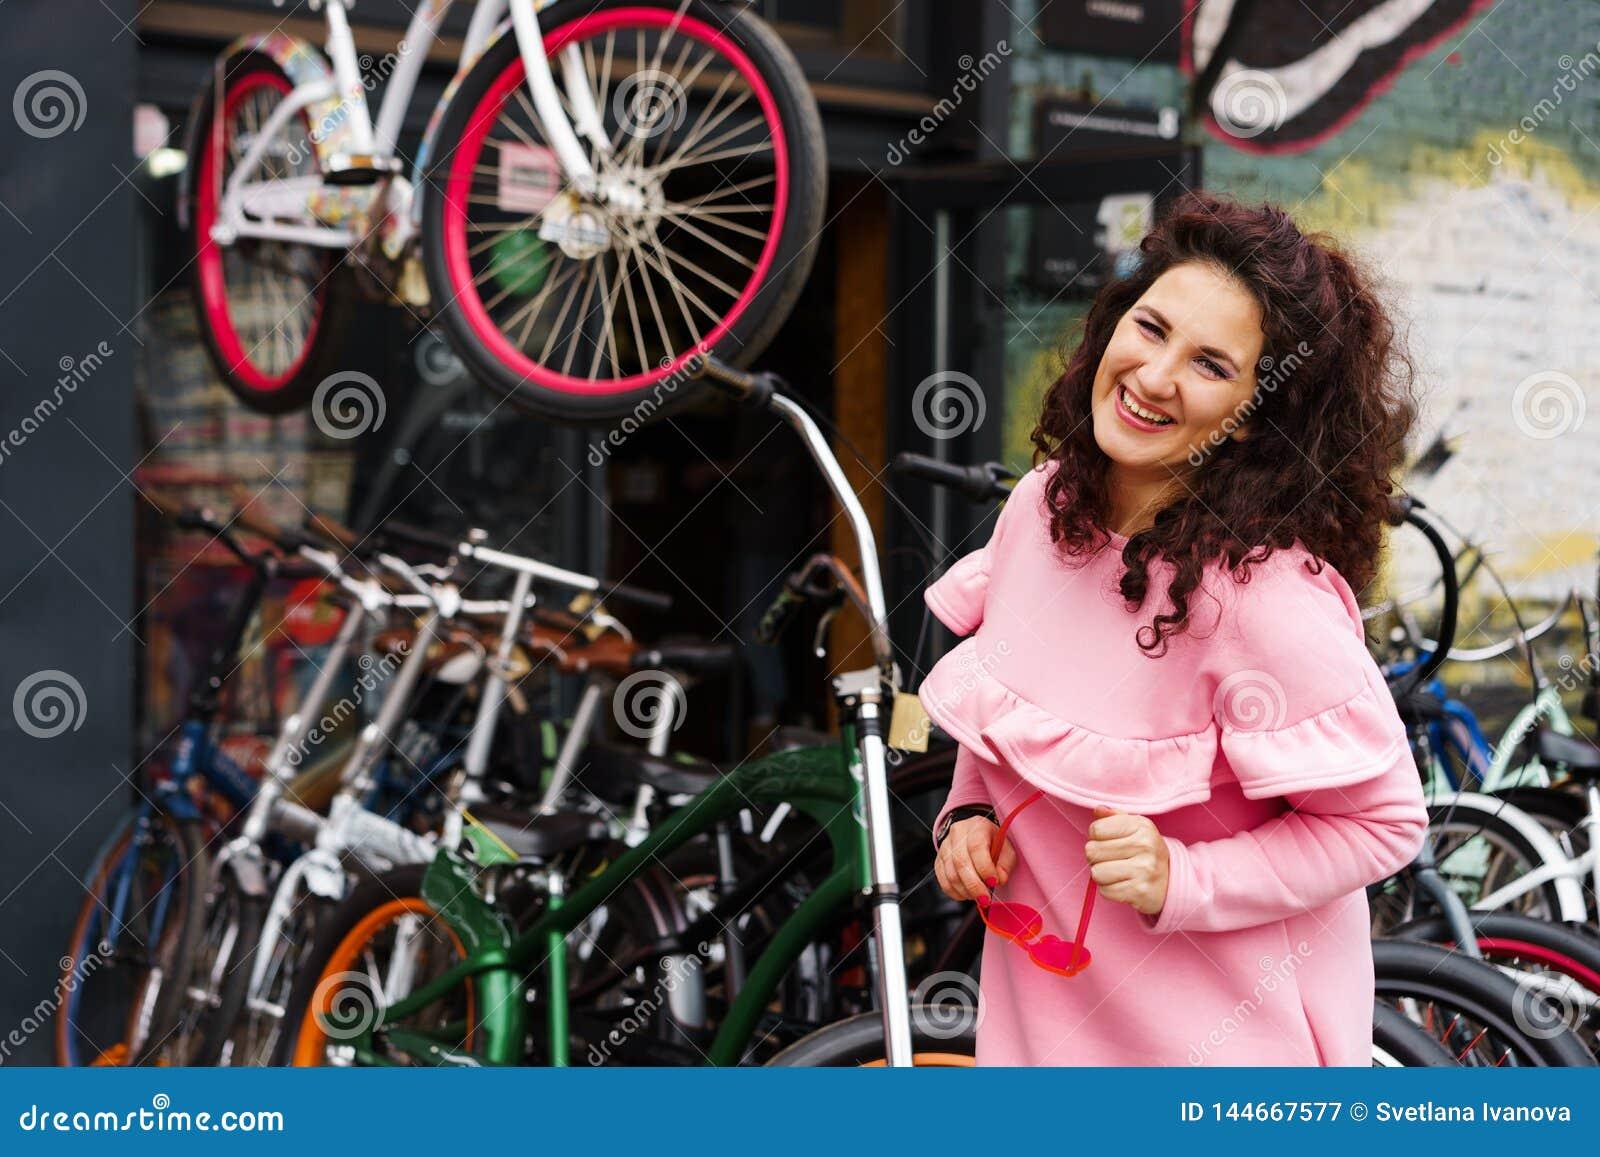 Vrolijke langharige donkerbruine vrouw in een roze kleding bij een fietswinkel